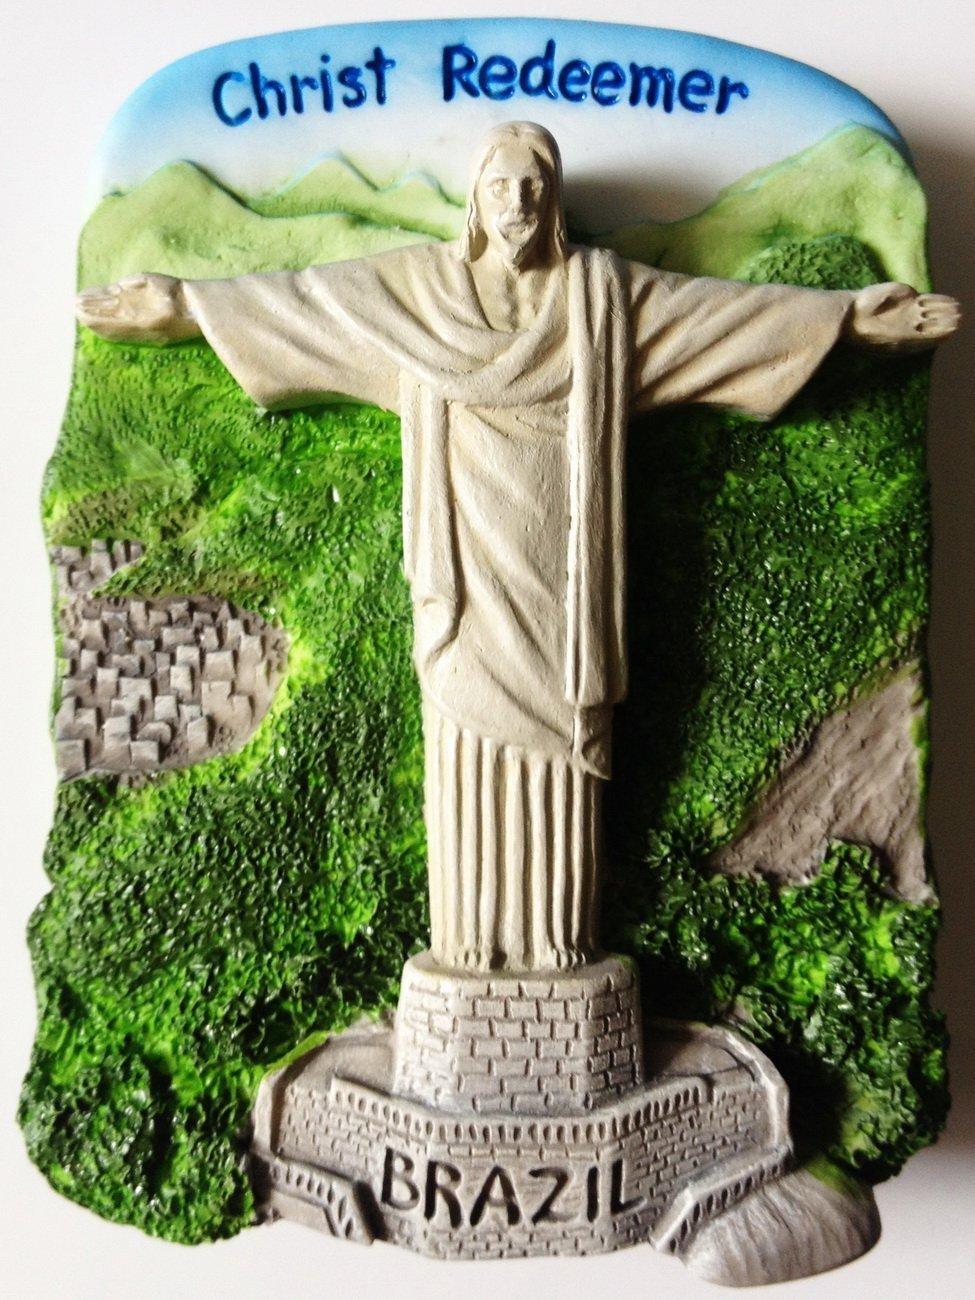 Christ Redeemer Rio De Janeiro Statue Brazil High Quality Resin 3D fridge magnet